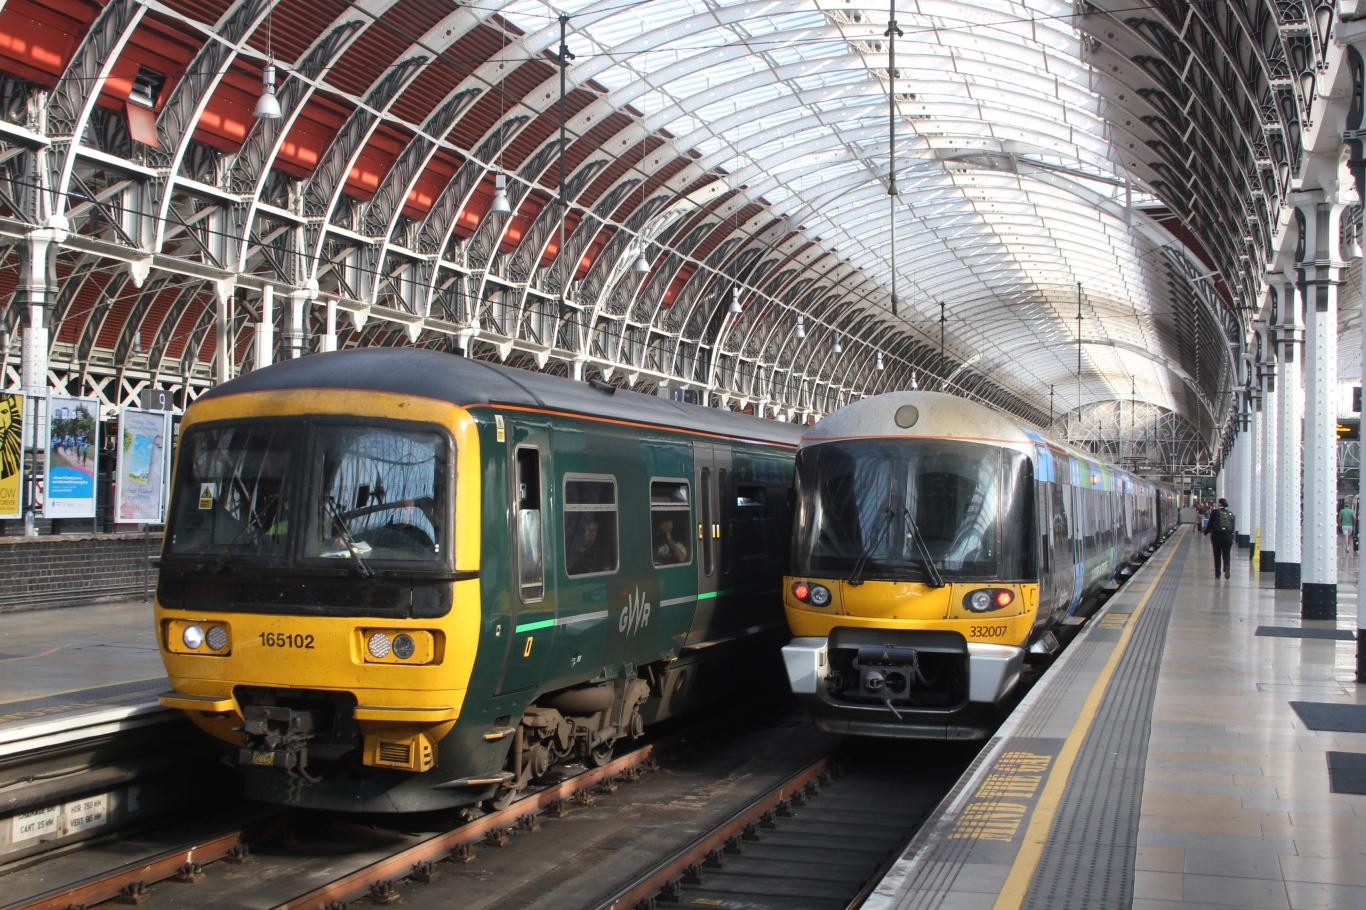 En Angleterre, certains trains polluent 13 fois plus (!) que les voitures